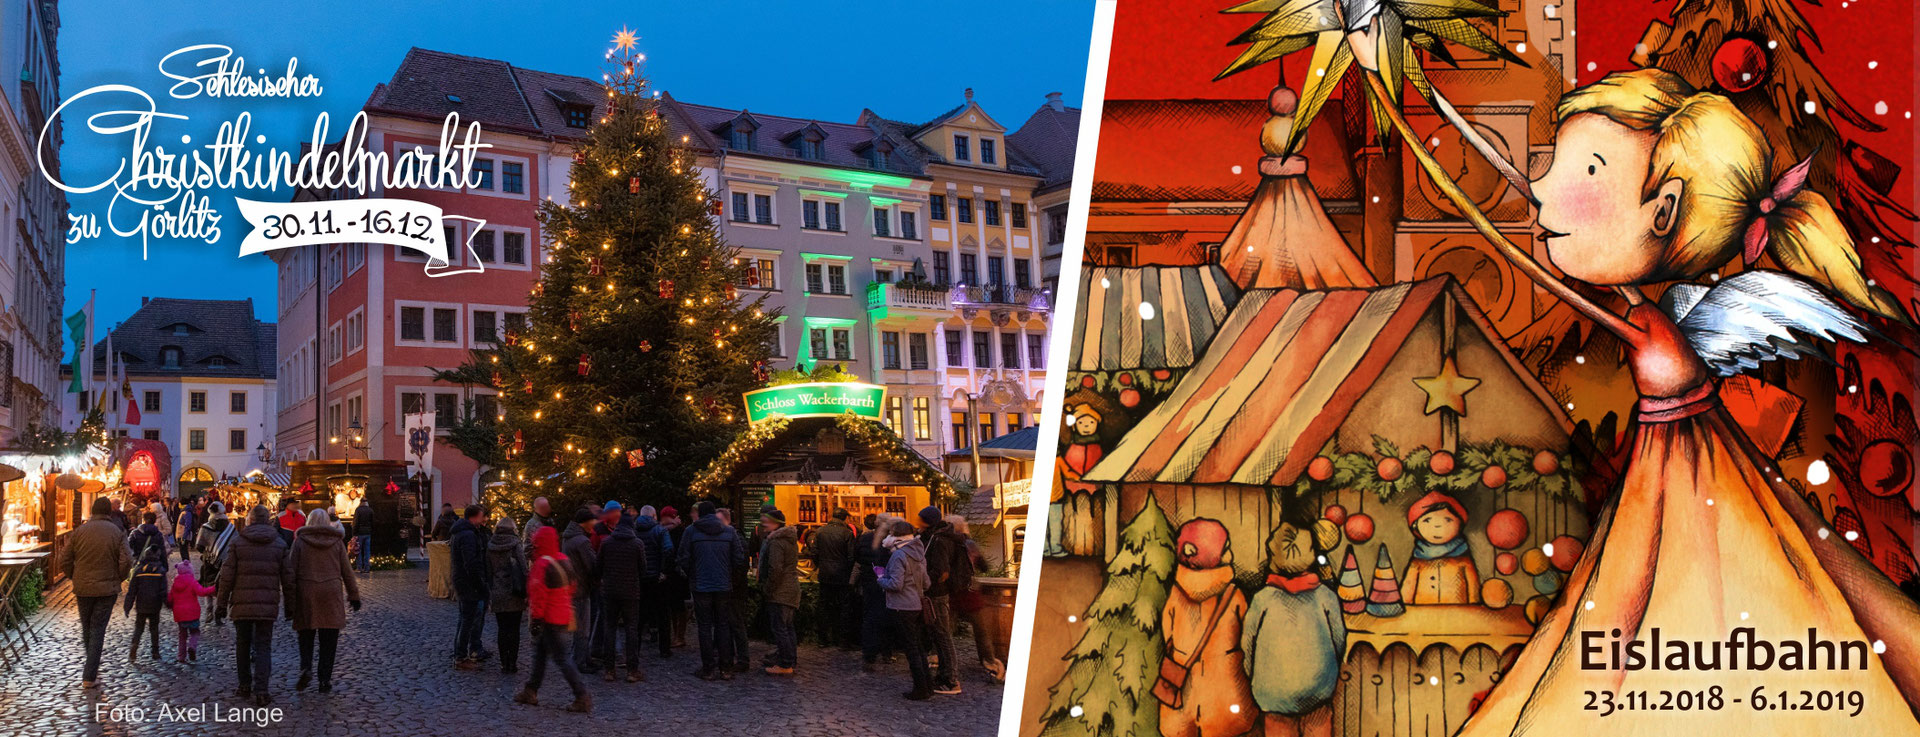 Weihnachtsmarkt Waren 2019.Romantischer Weihnachtsmarkt Schlesischer Christkindelmarkt Görlitz